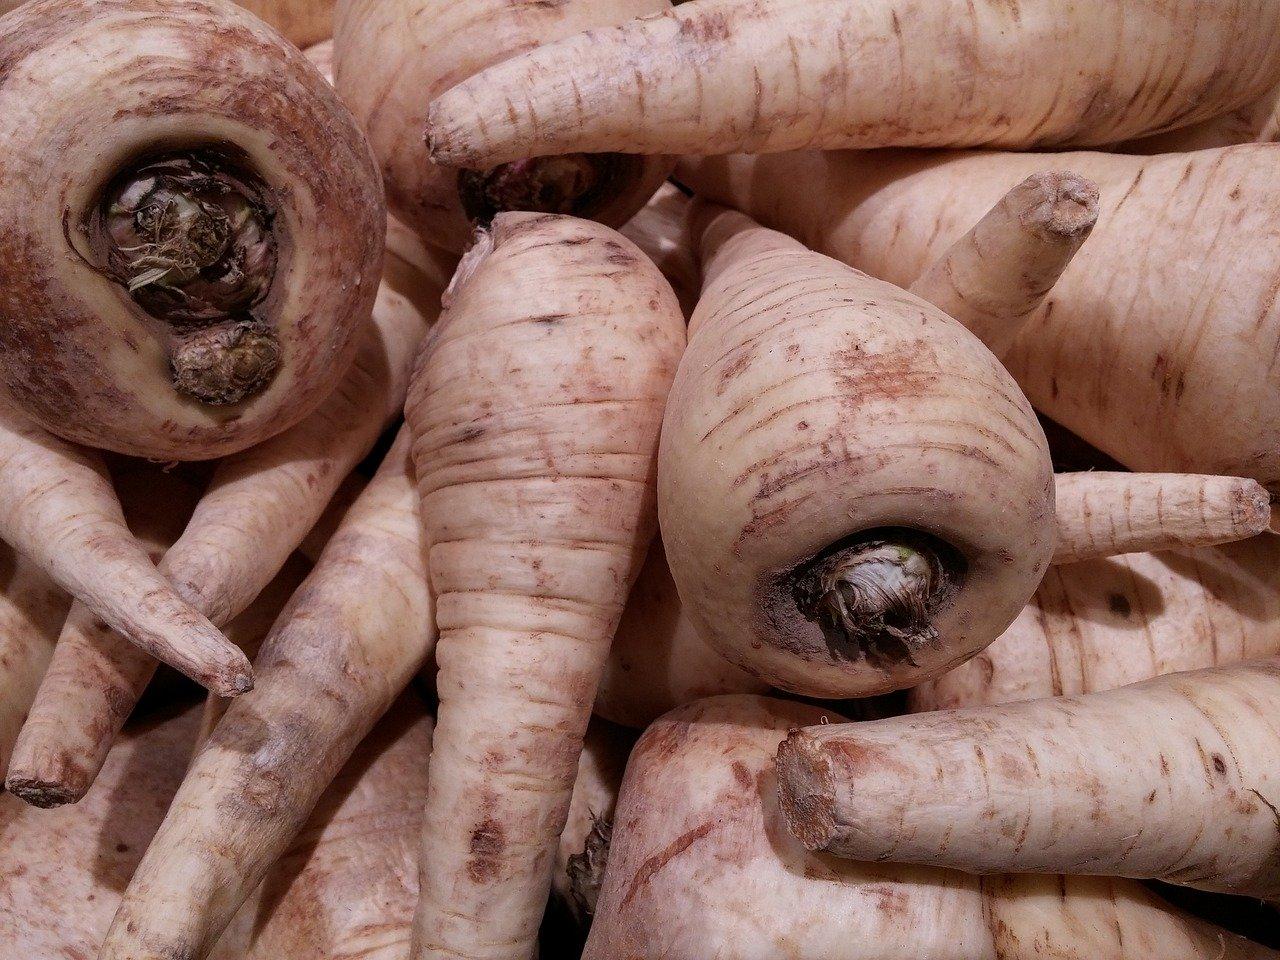 Wurzel- und Knollengemüse (Durchschnitt), gekocht (ohne Zugabe von Fett und Salz) Essen und Trinken Gemüsesorten